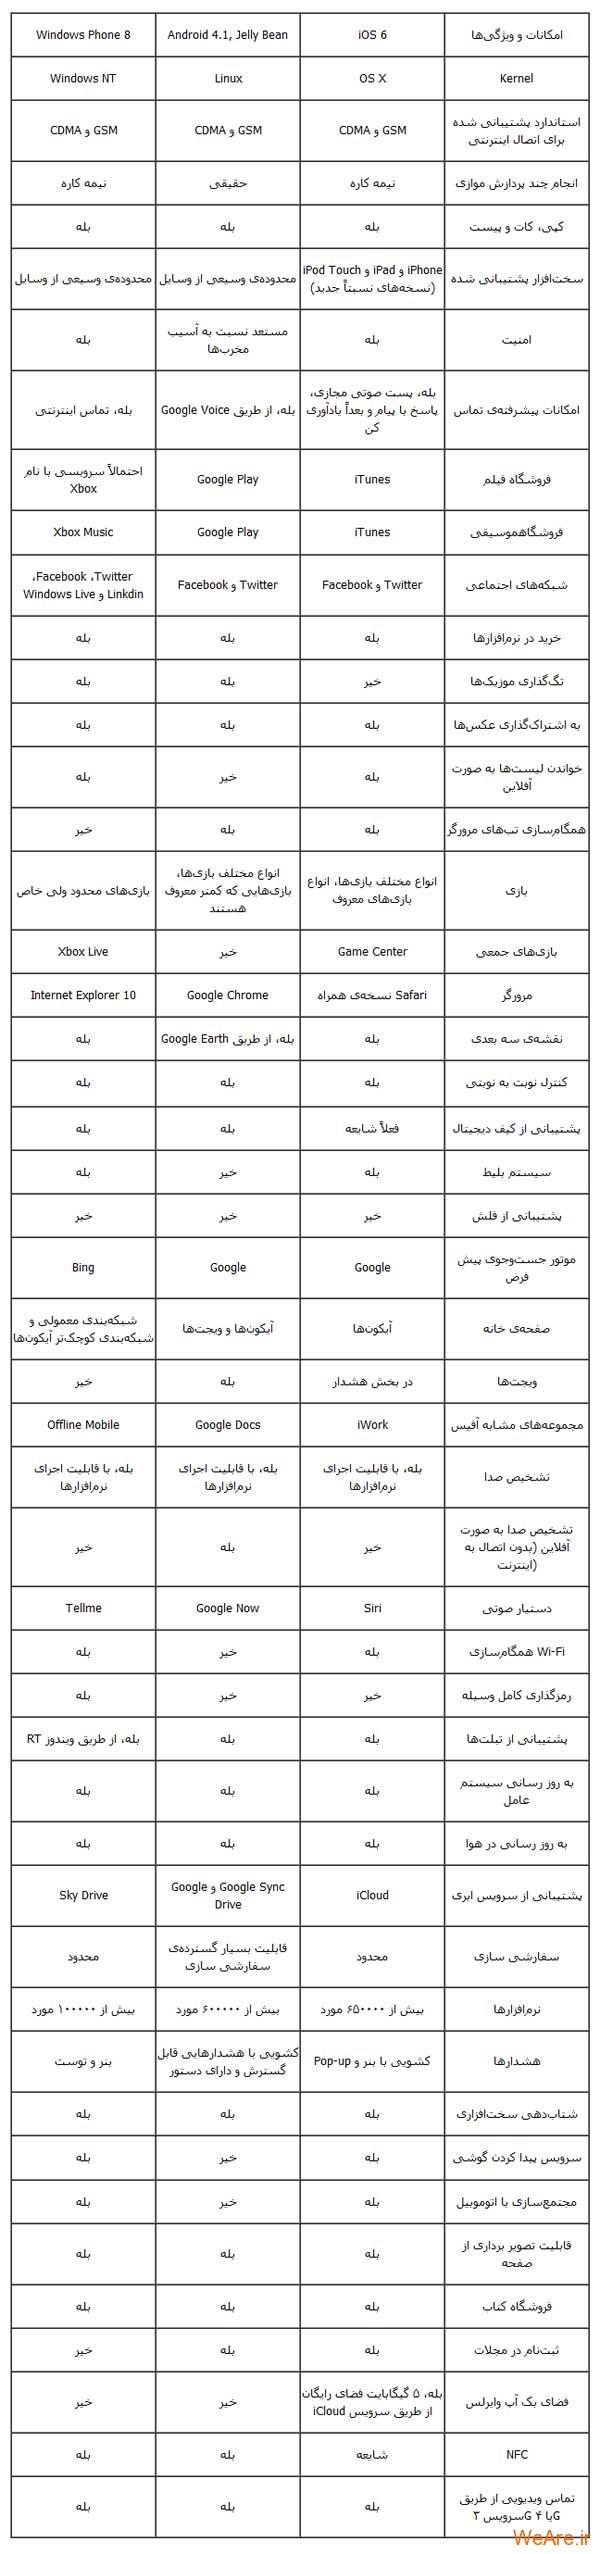 مقایسه سیستم عامل های Windows Phone 8، Android 4.1 و iOS 6